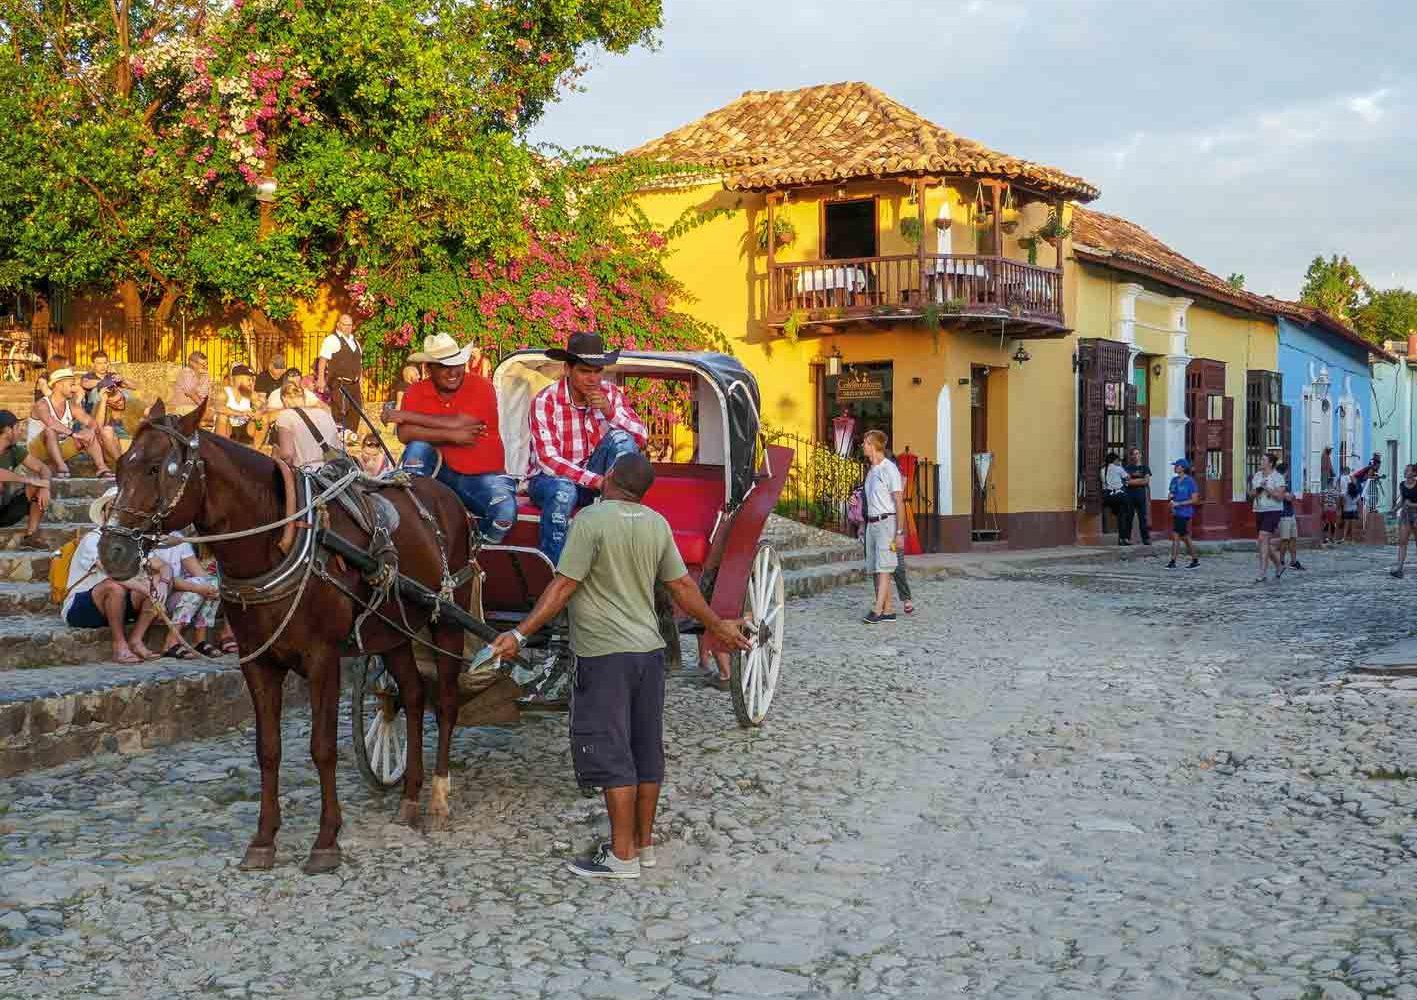 Die Kutsche - ein allgegenwärtiges Transportmittel auf Kuba